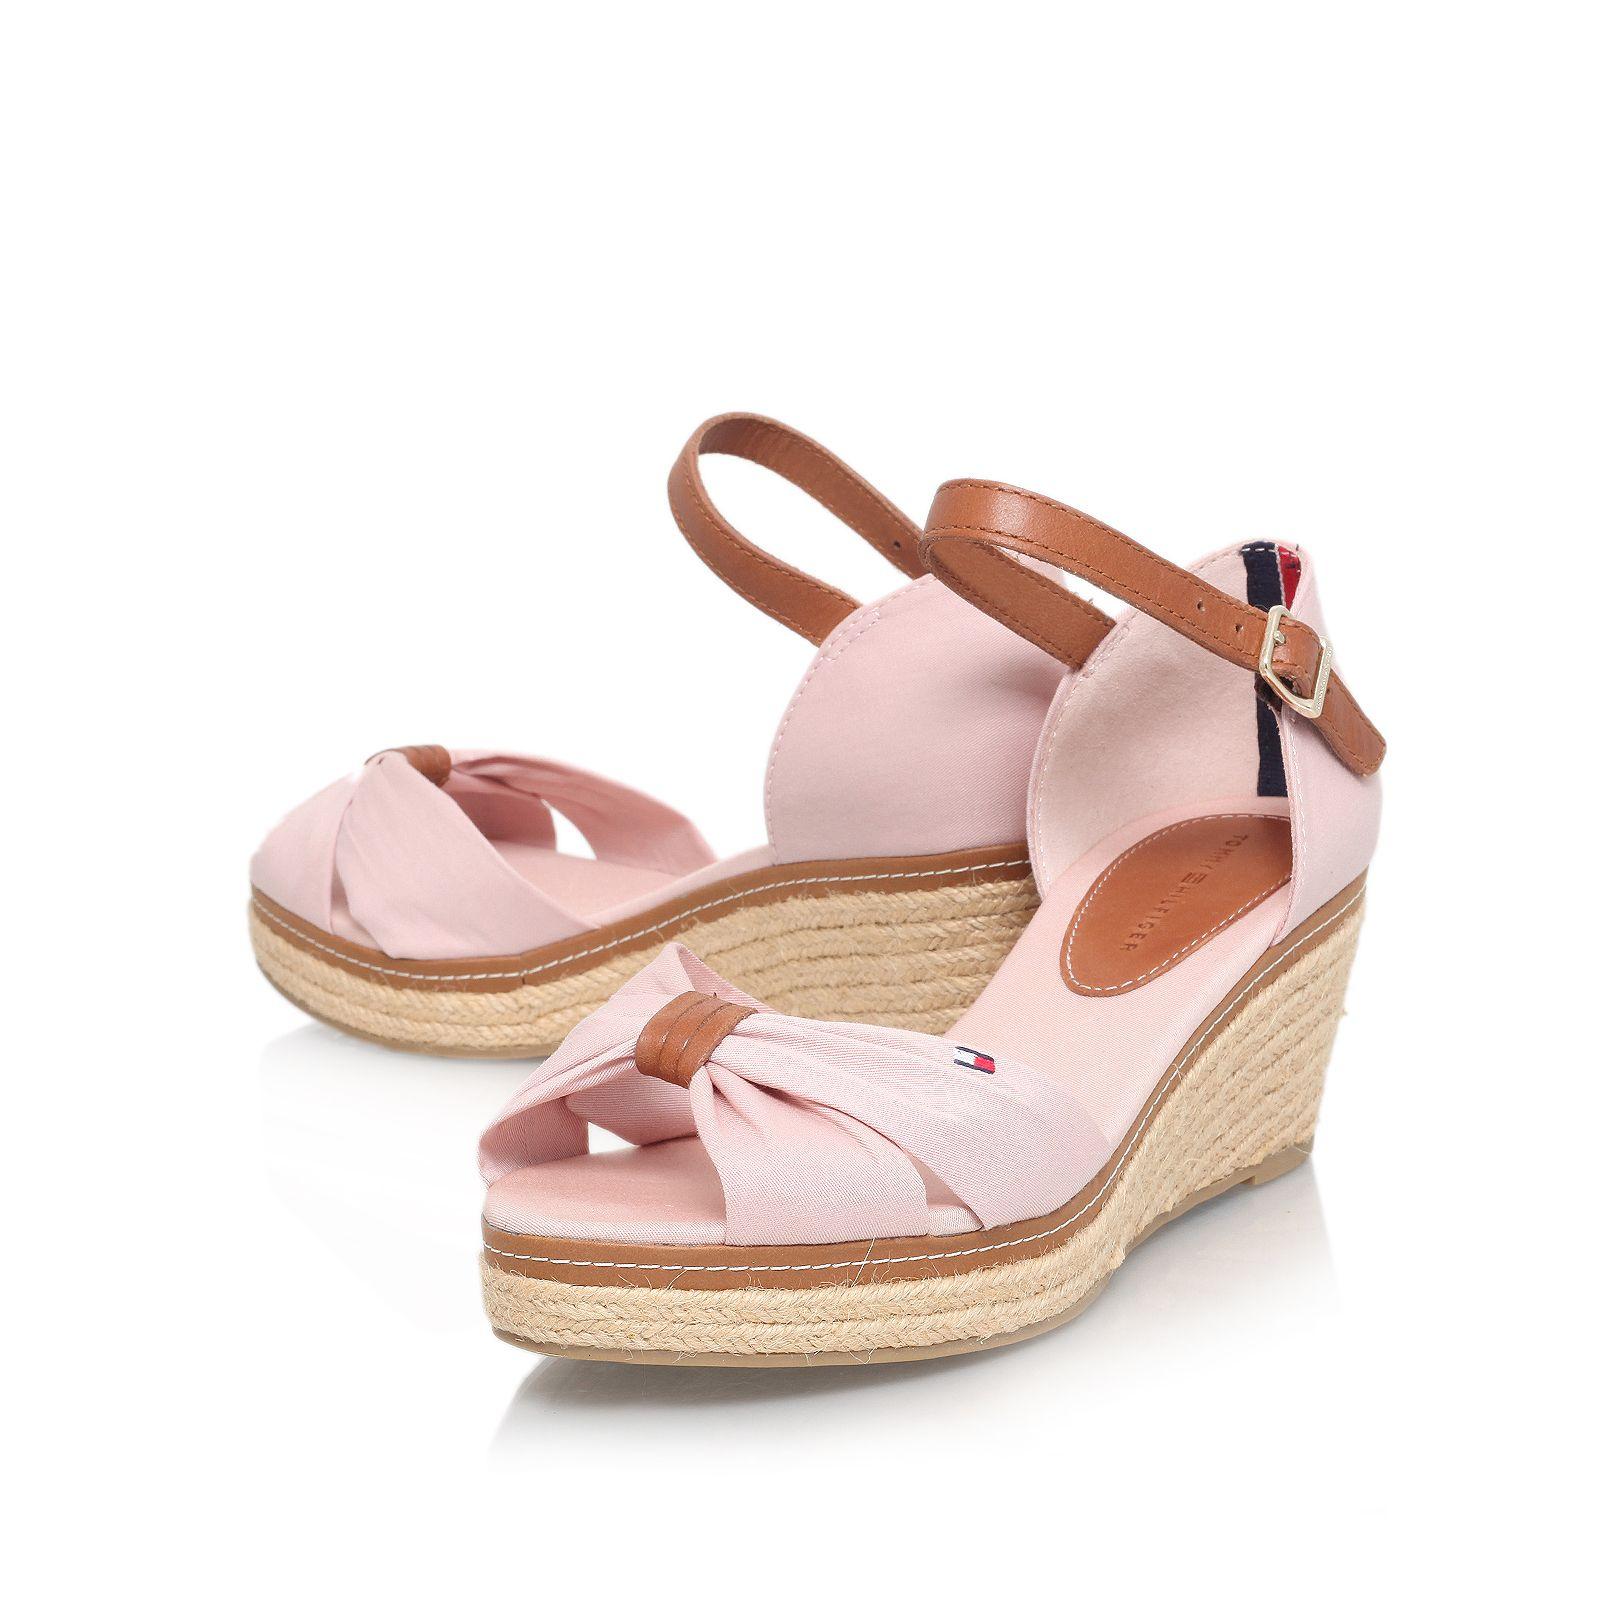 tommy hilfiger elba 19d mid wedge heel sandals in pink lyst. Black Bedroom Furniture Sets. Home Design Ideas